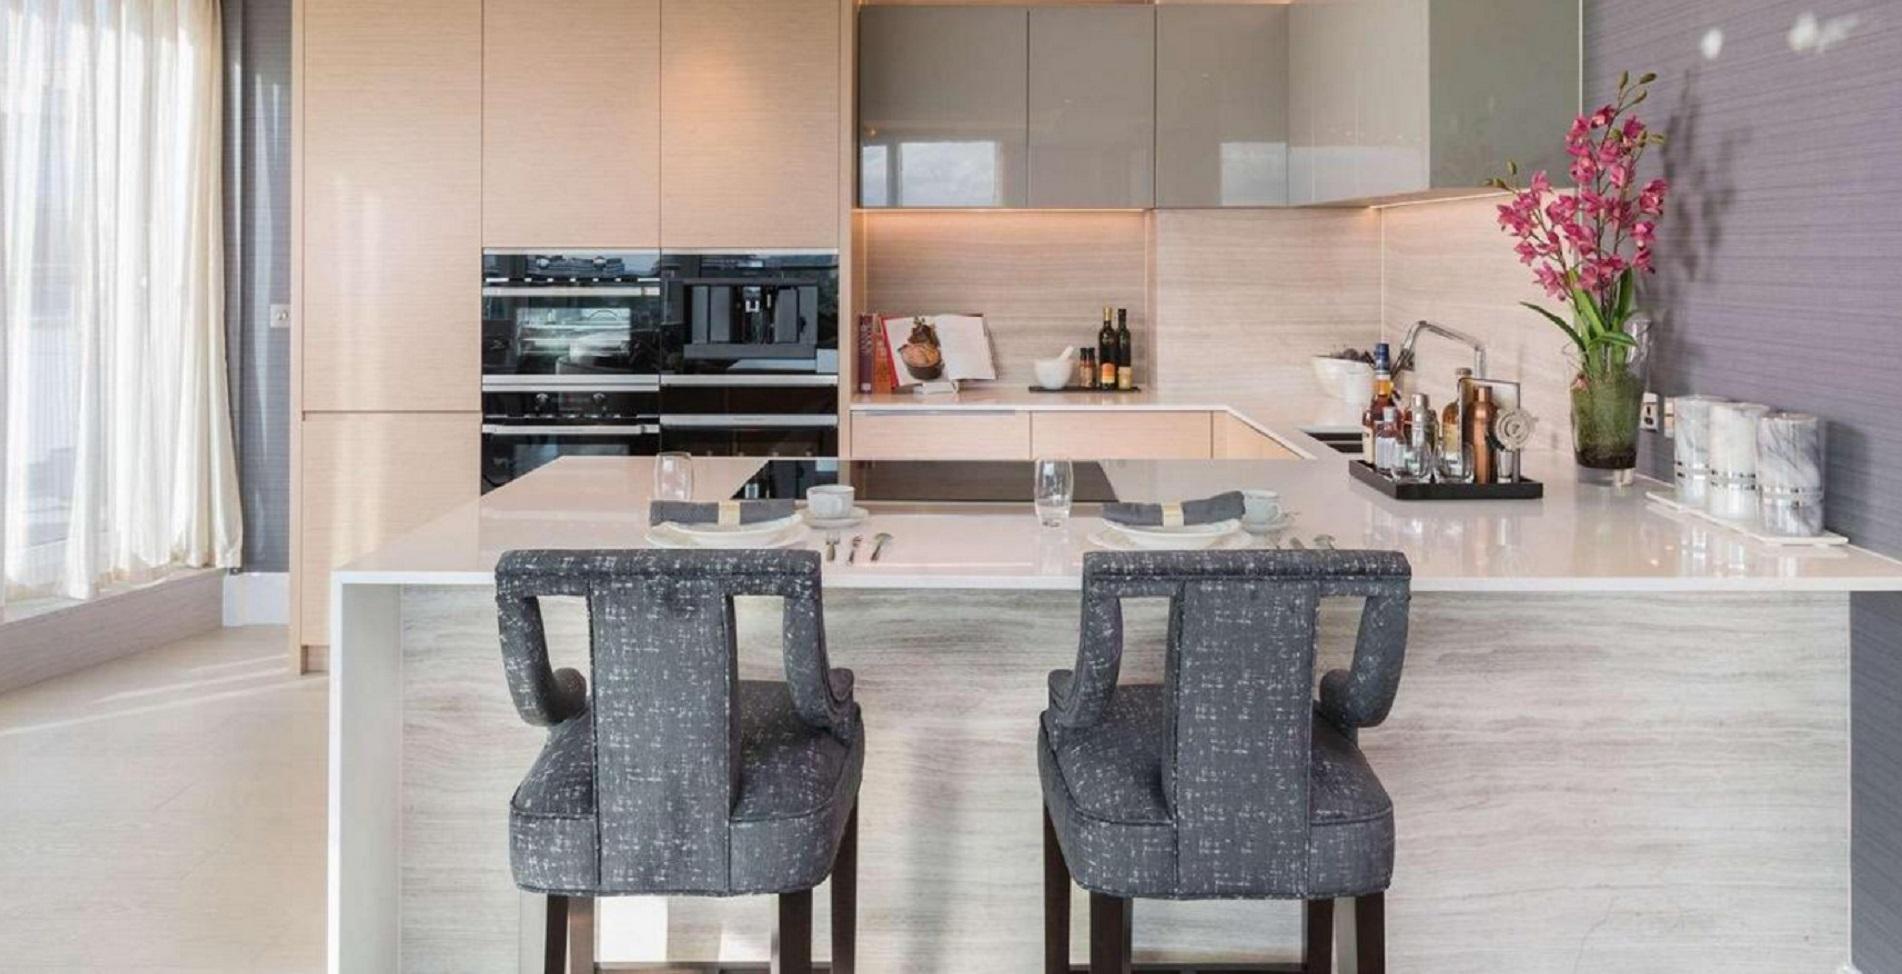 El Gobierno ha dispuesto fondos adicionales para que esos pisos estén disponibles más rápidamente, con el objetivo de tenerlos listos a finales de julio (berkeleygroup.co.uk)